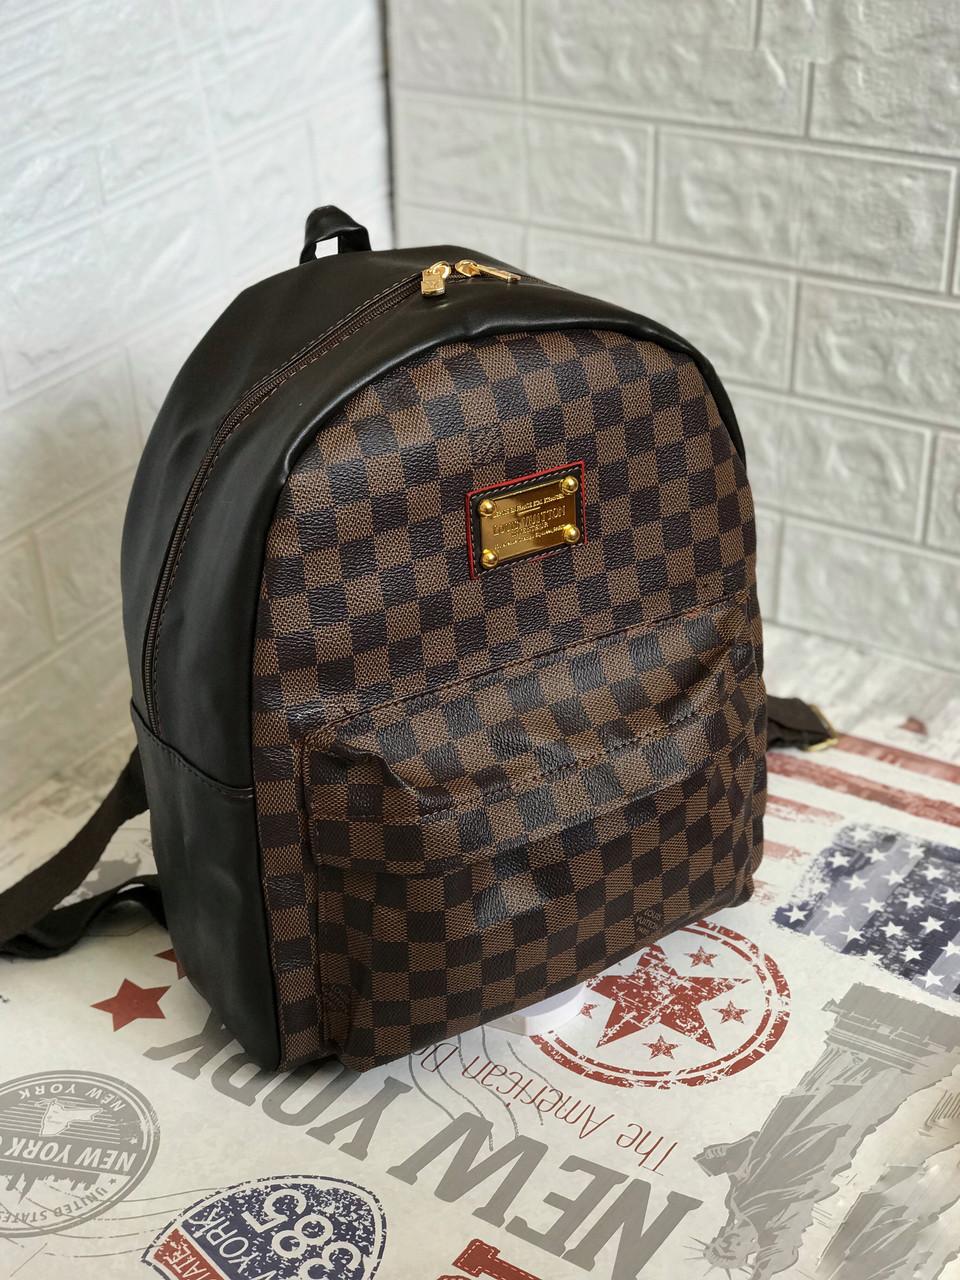 Рюкзак  портфель школьный/городской в стиле  Louis Vuitton LV ( Луи Витон) в клетку